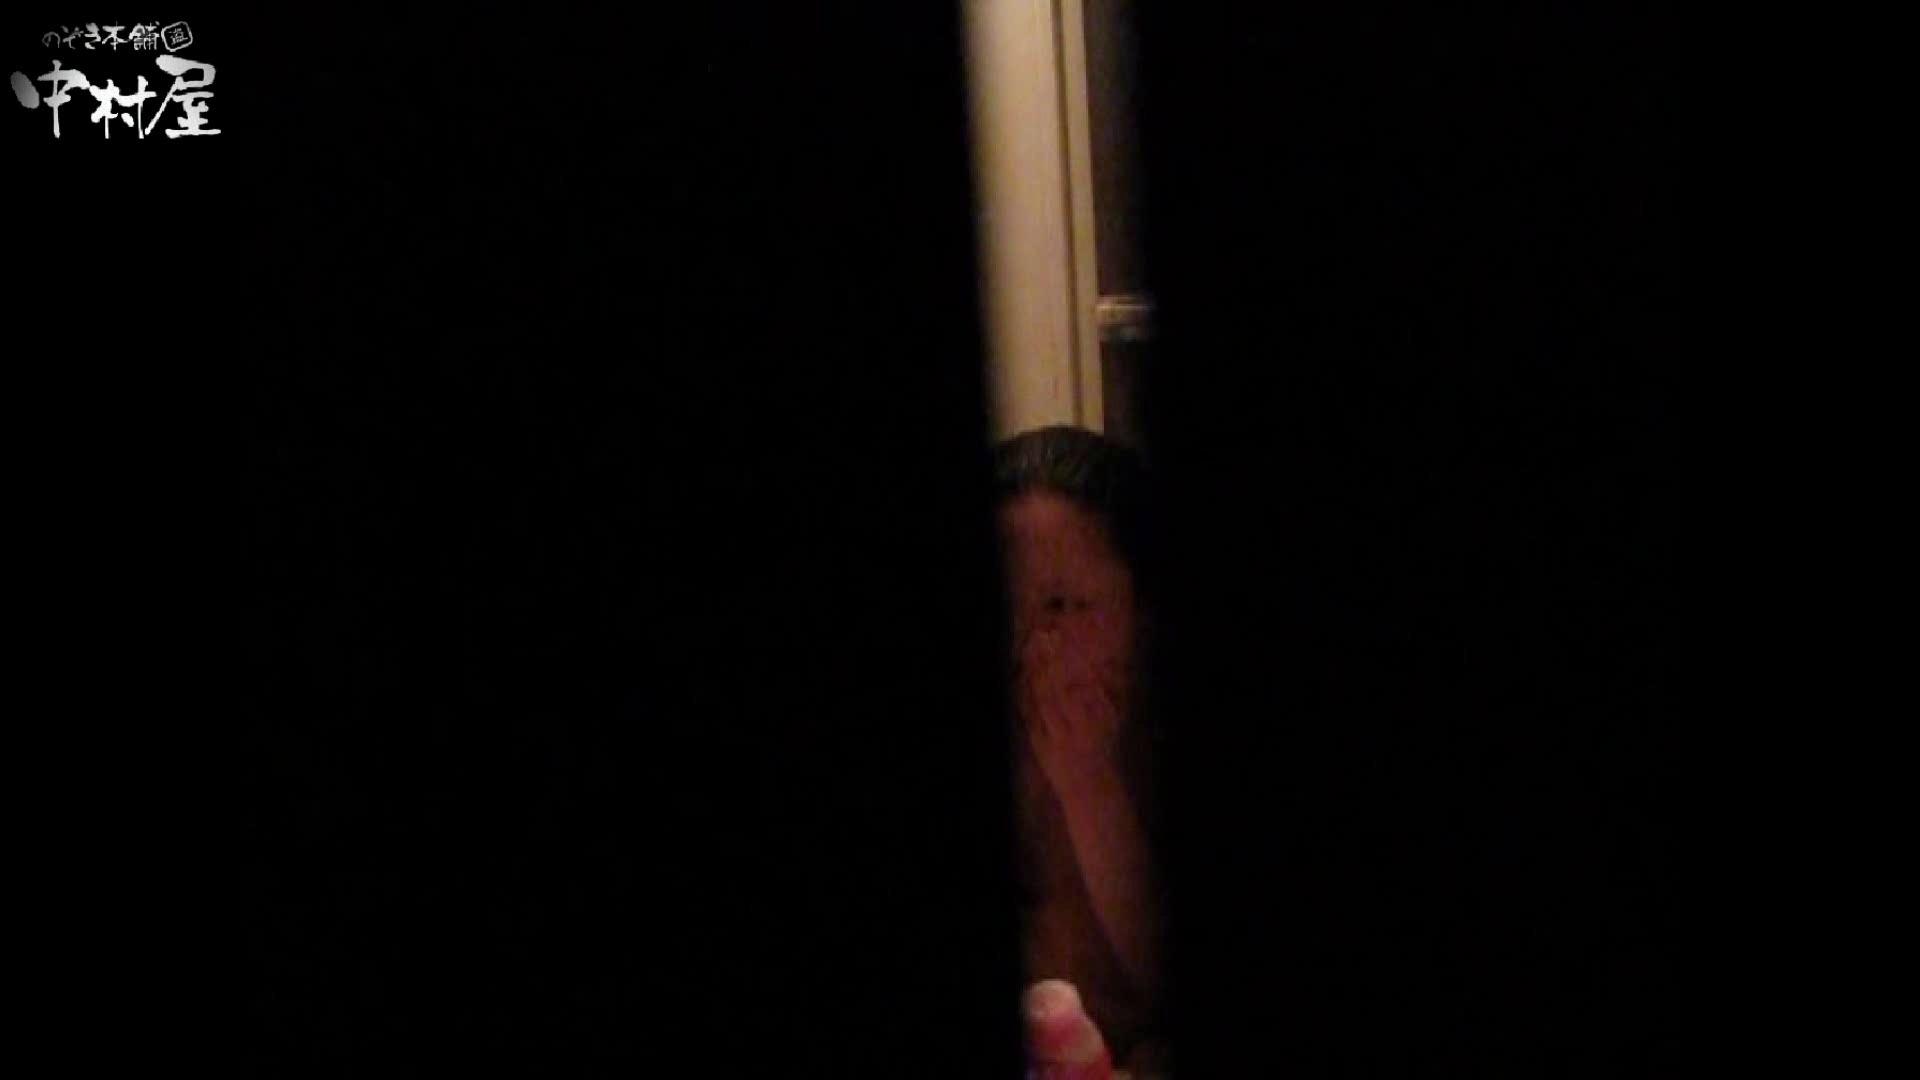 民家風呂専門盗撮師の超危険映像 vol.004 エロい美少女   民家シリーズ  89PIX 76